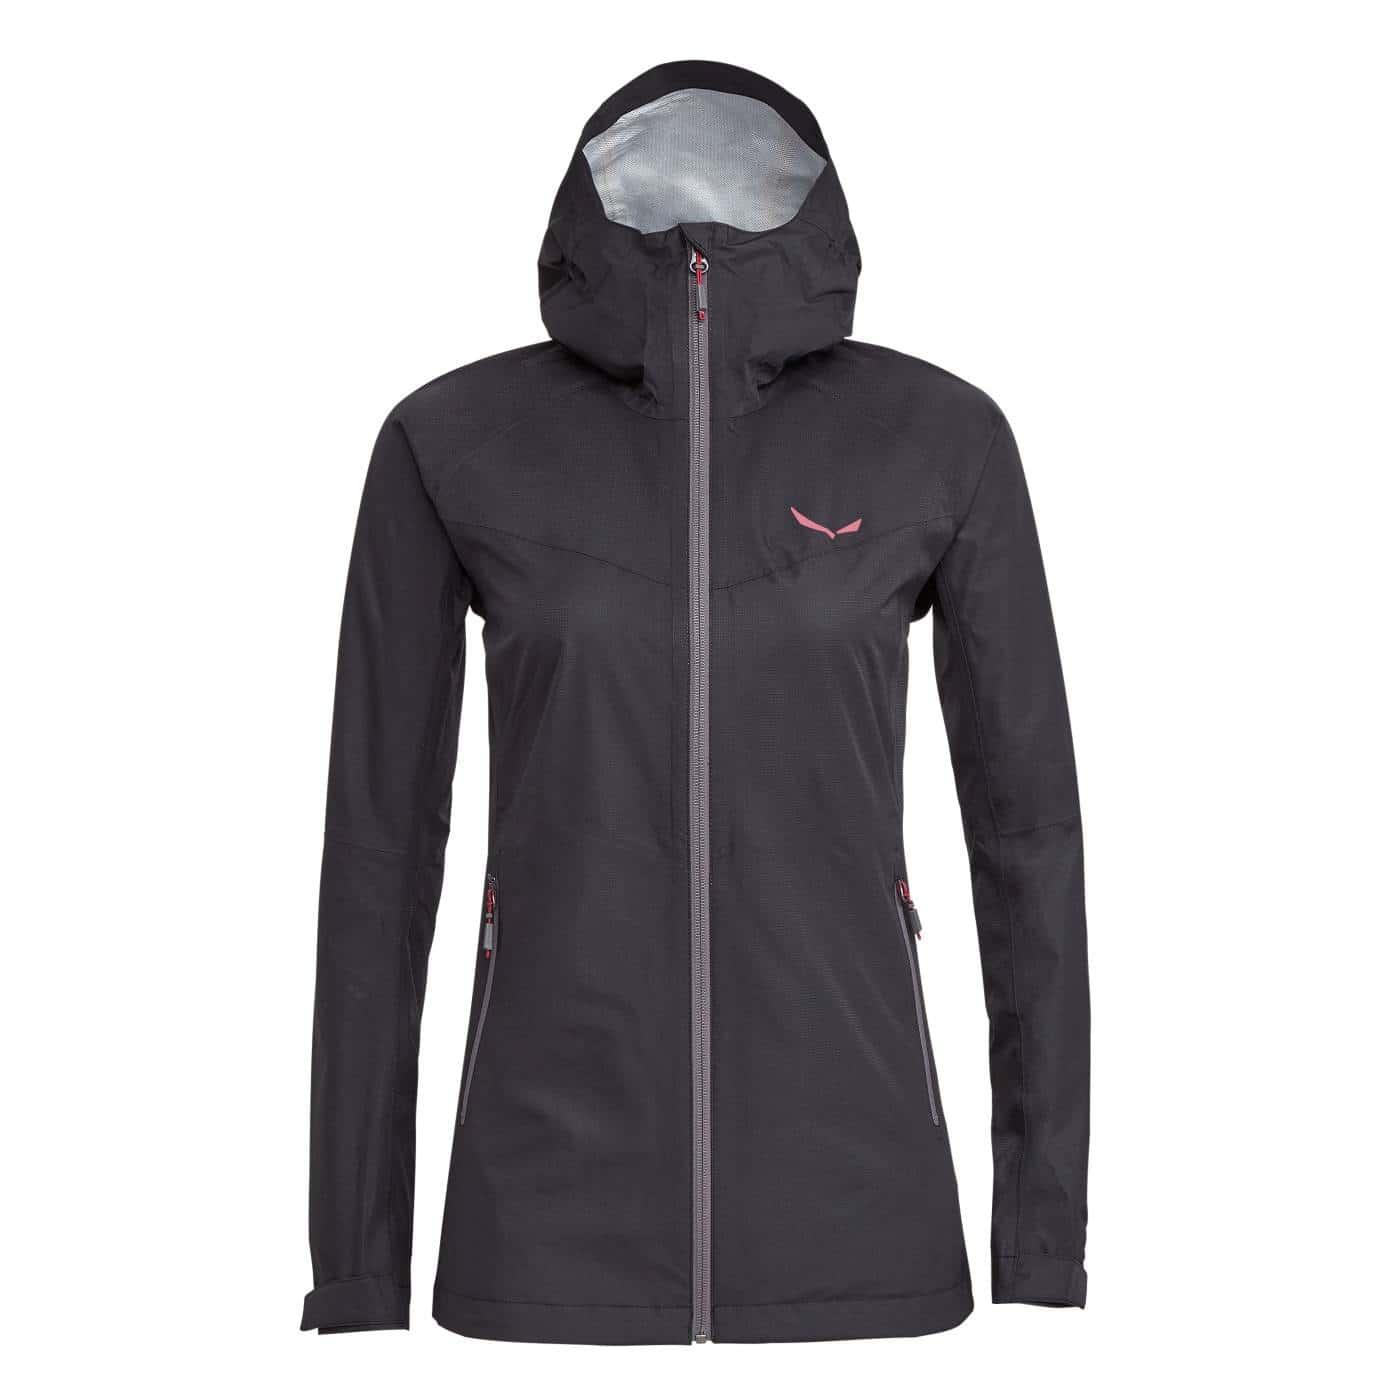 Salewa-Puez Aqua 3 PTX Hardshell Jacket - Women's